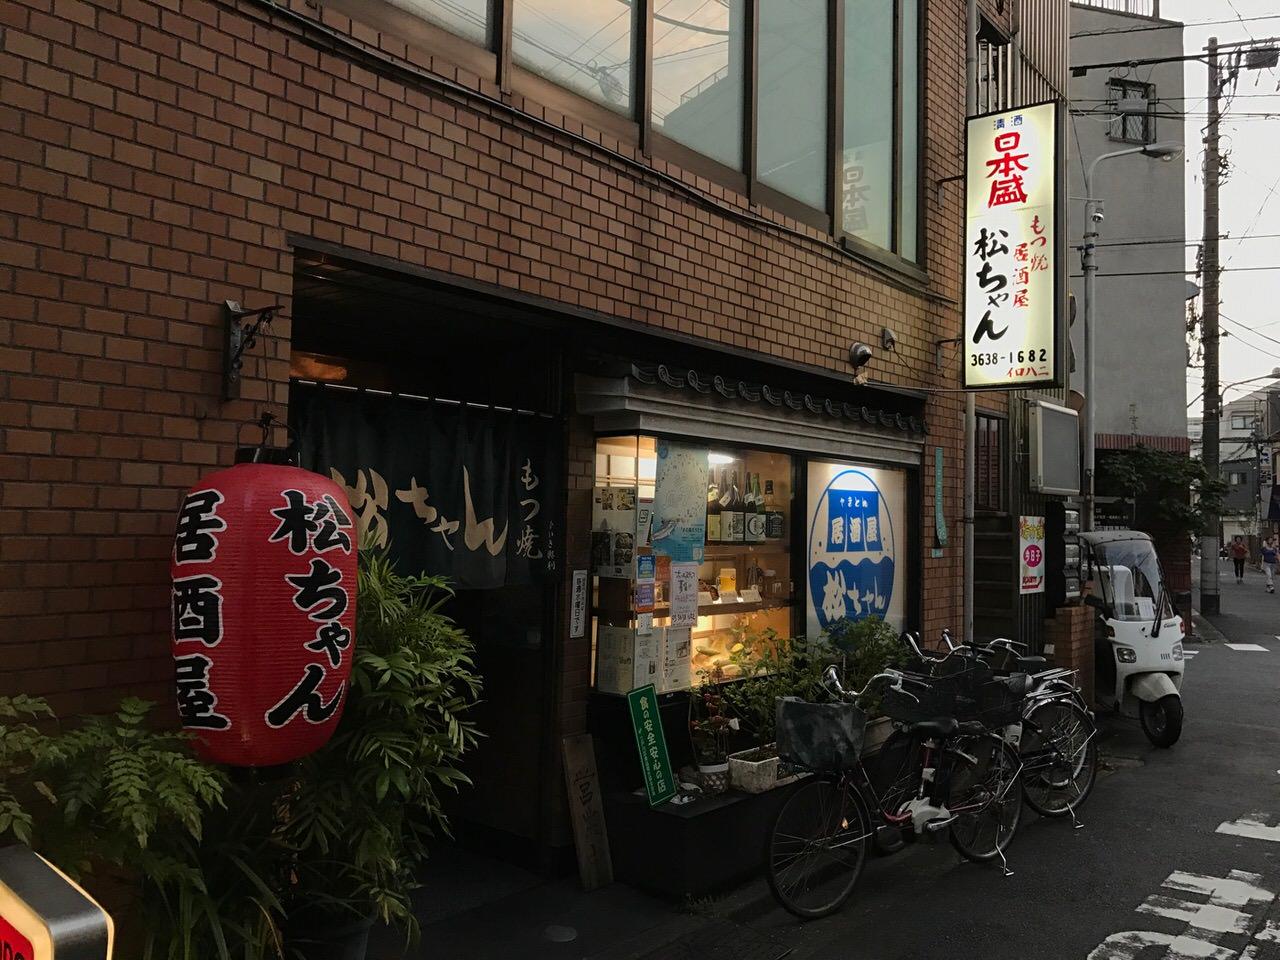 「松ちゃん(平井)」チューハイ230円&もつ焼2本で200円!安くて美味い昔ながらの大衆酒場